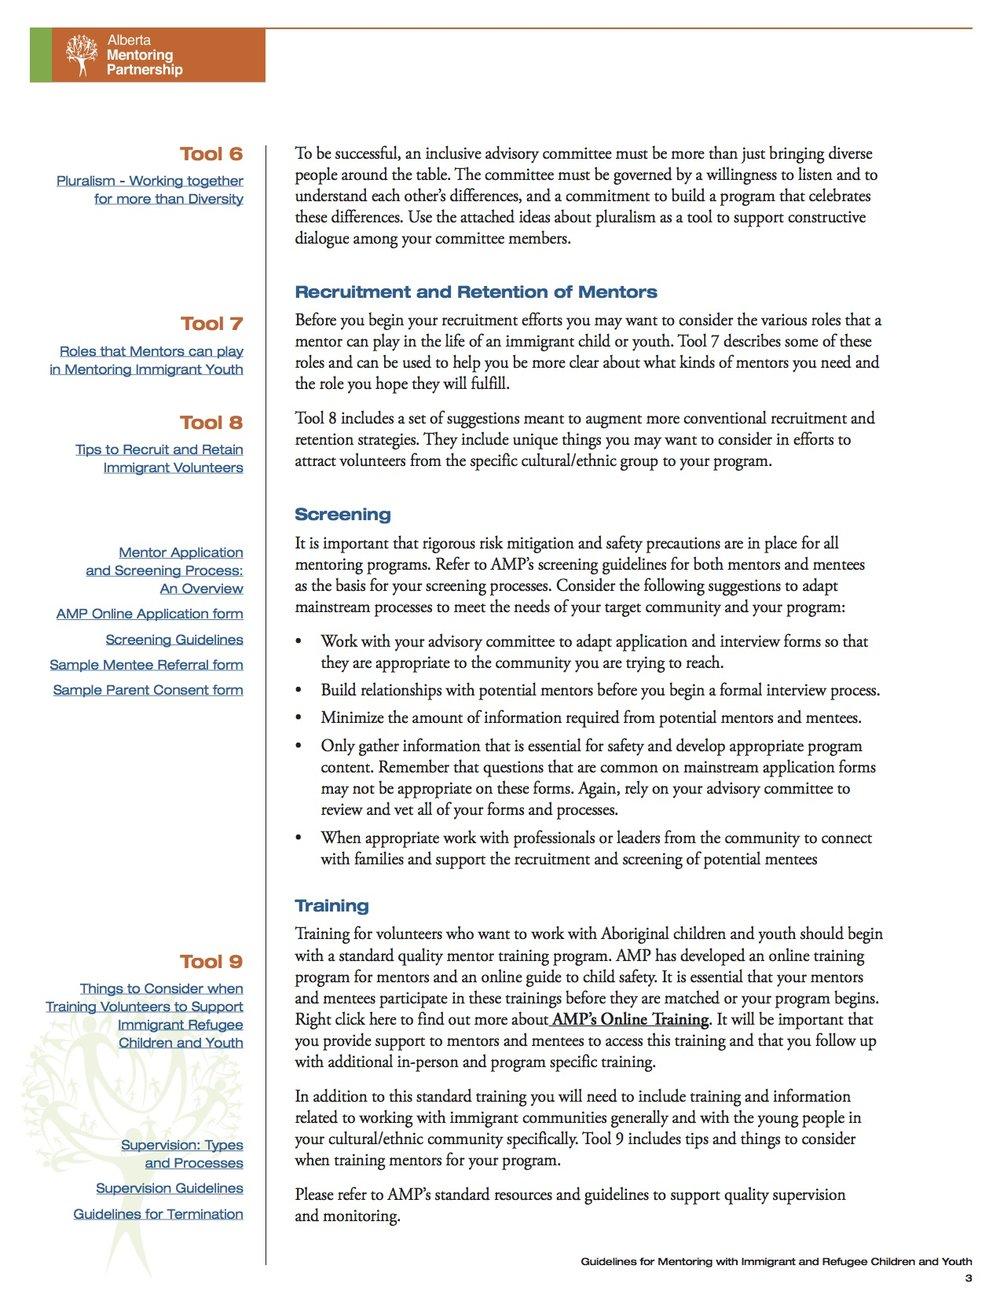 ReR+Mentoring+Guidelines3.jpg